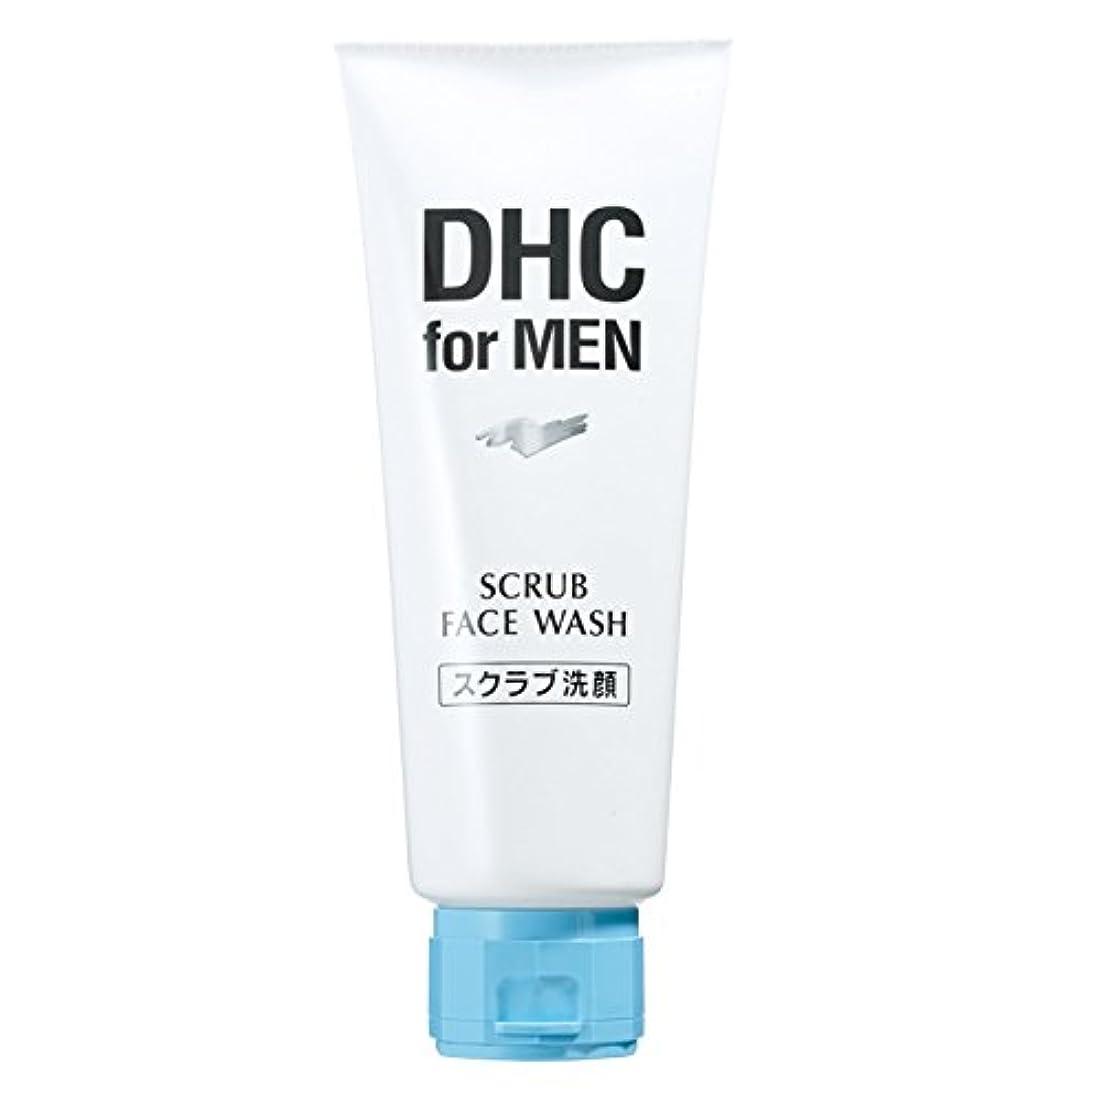 導体つま先身元DHC スクラブ フェース ウォッシュ 【DHC for MEN】